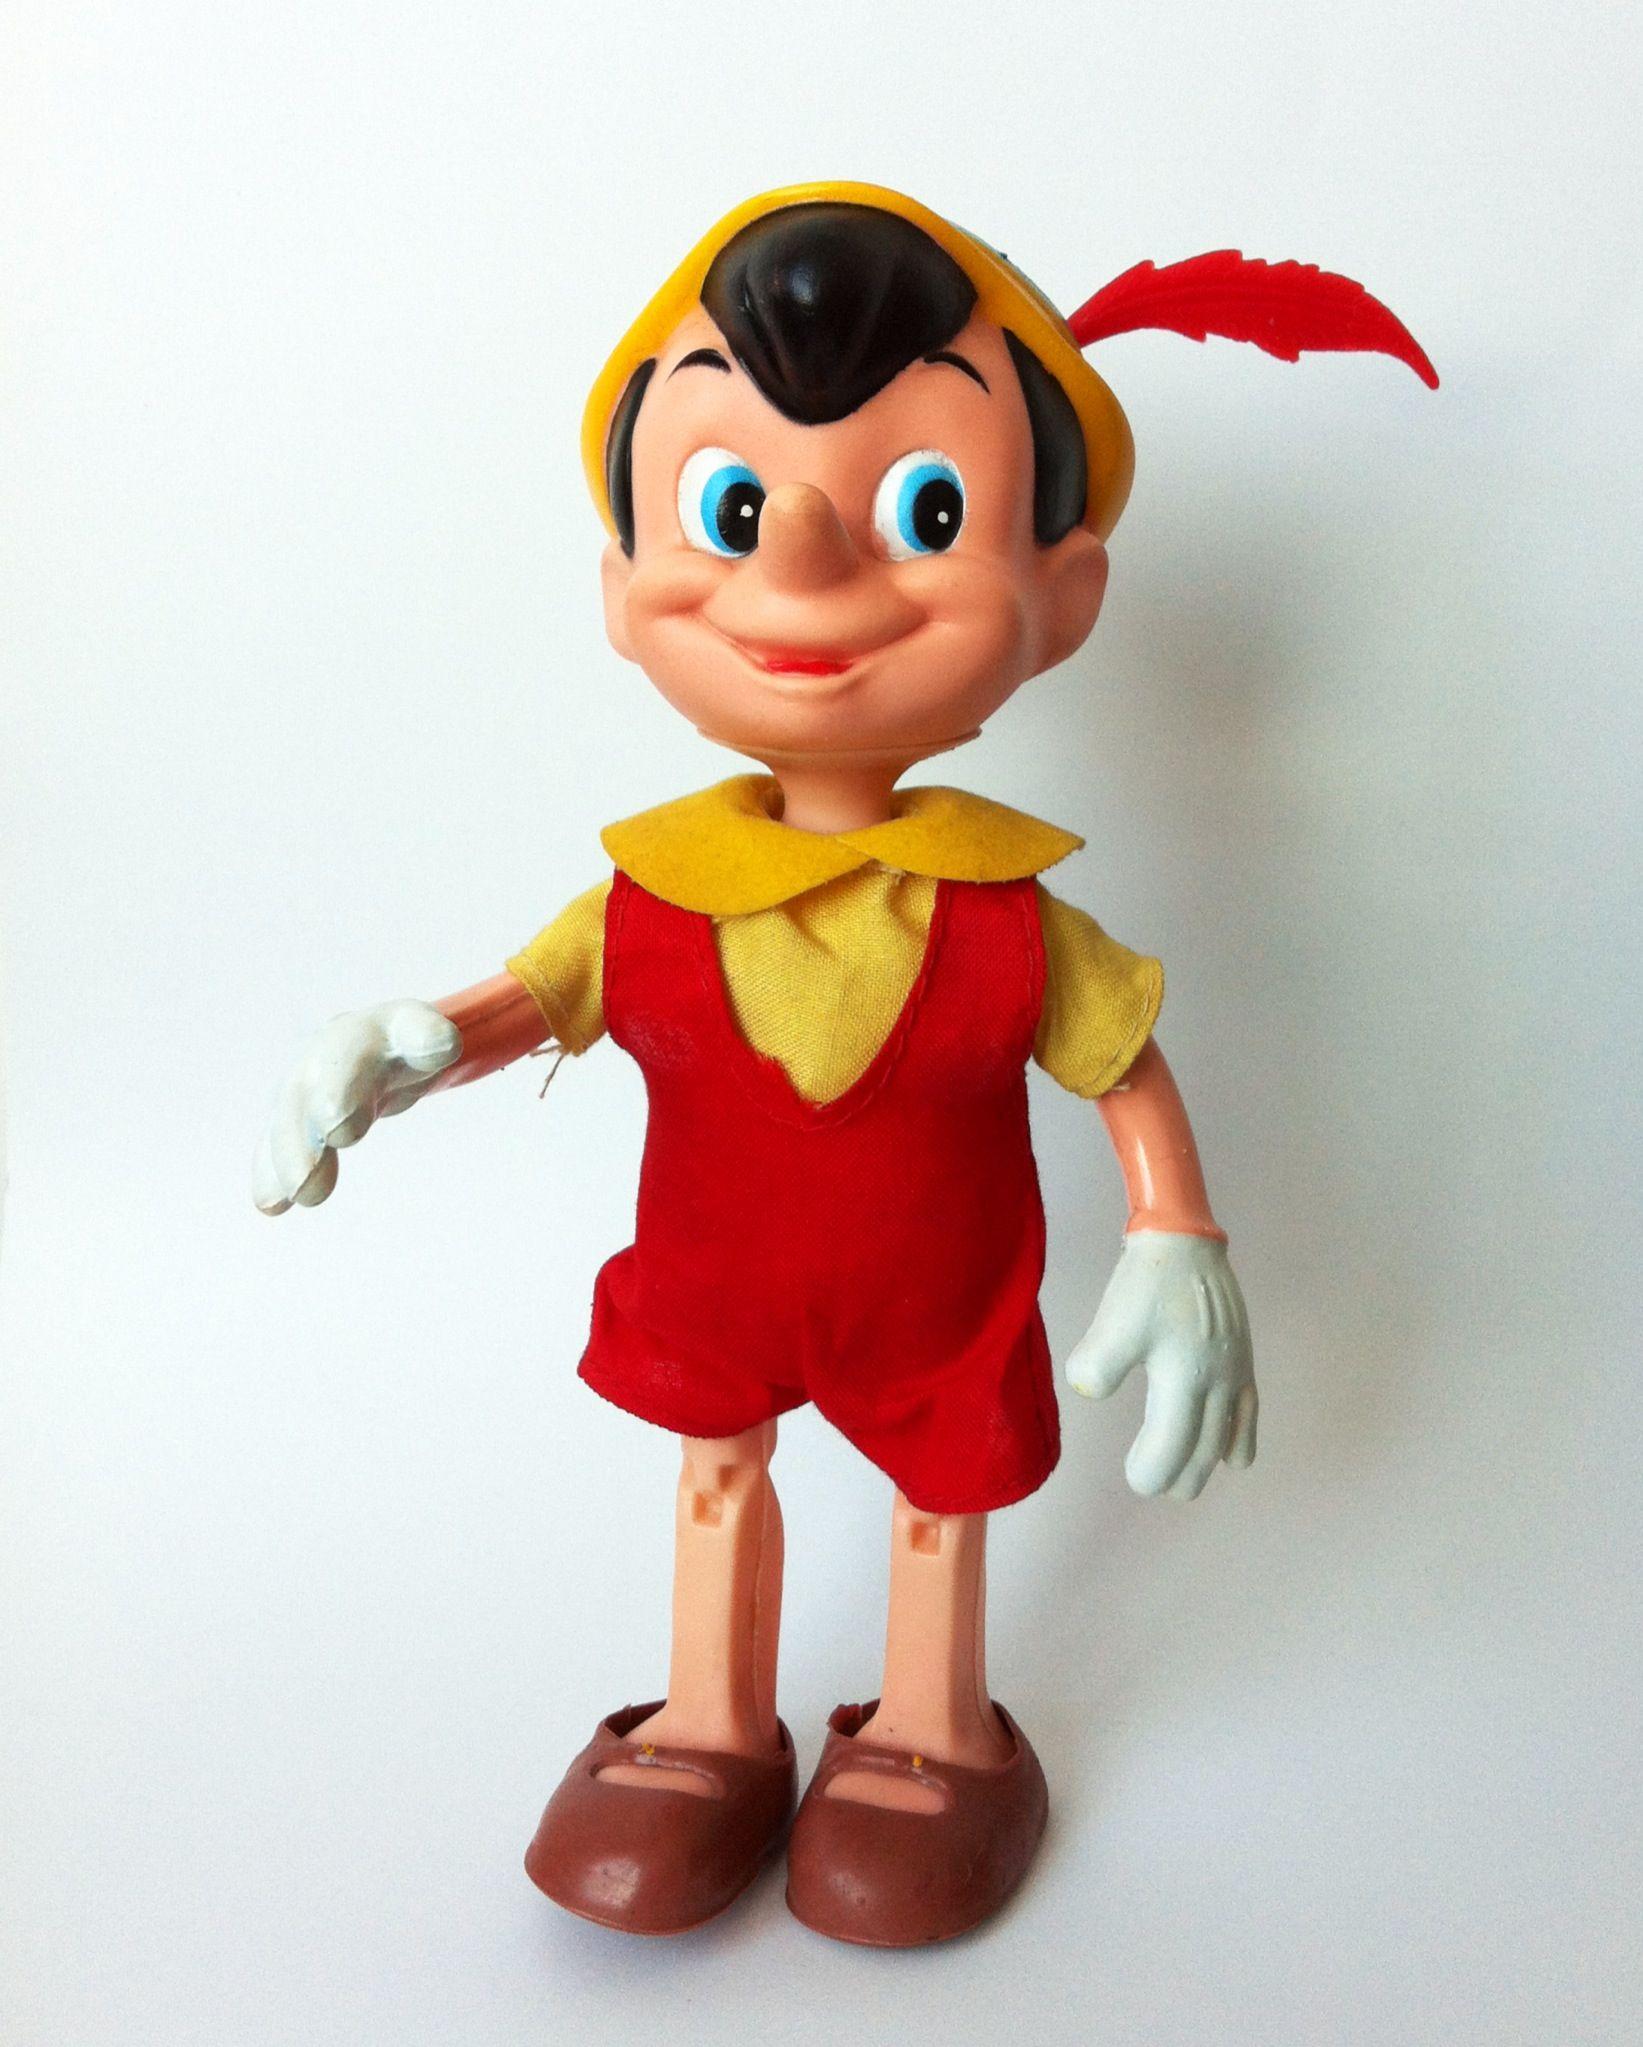 1960 toys images  Vintage Pinocchio Toy   Pinocchio  Pinterest  Pinocchio